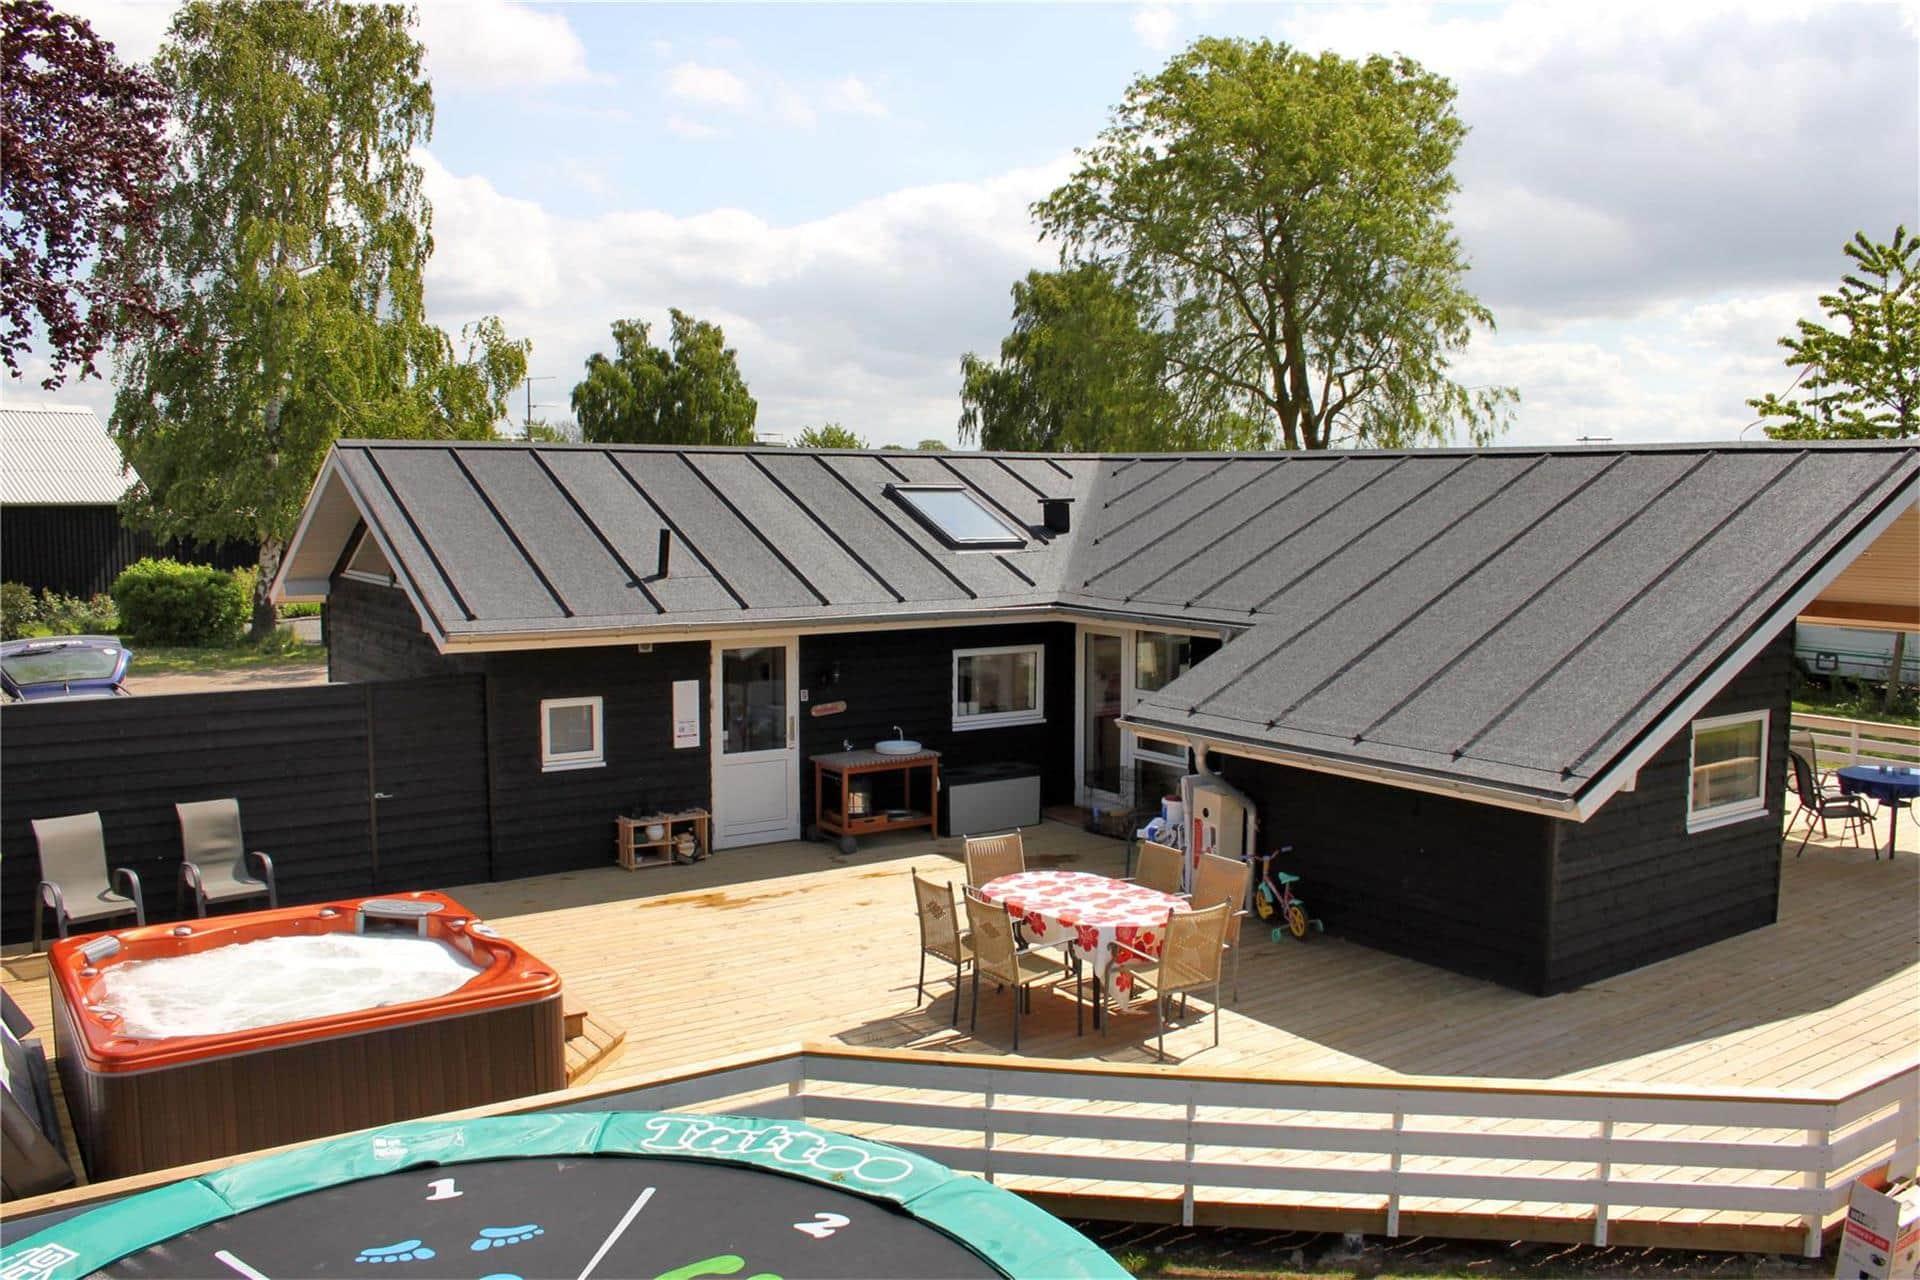 Billede 1-3 Sommerhus M64317, Rylevej 6, DK - 5464 Brenderup Fyn